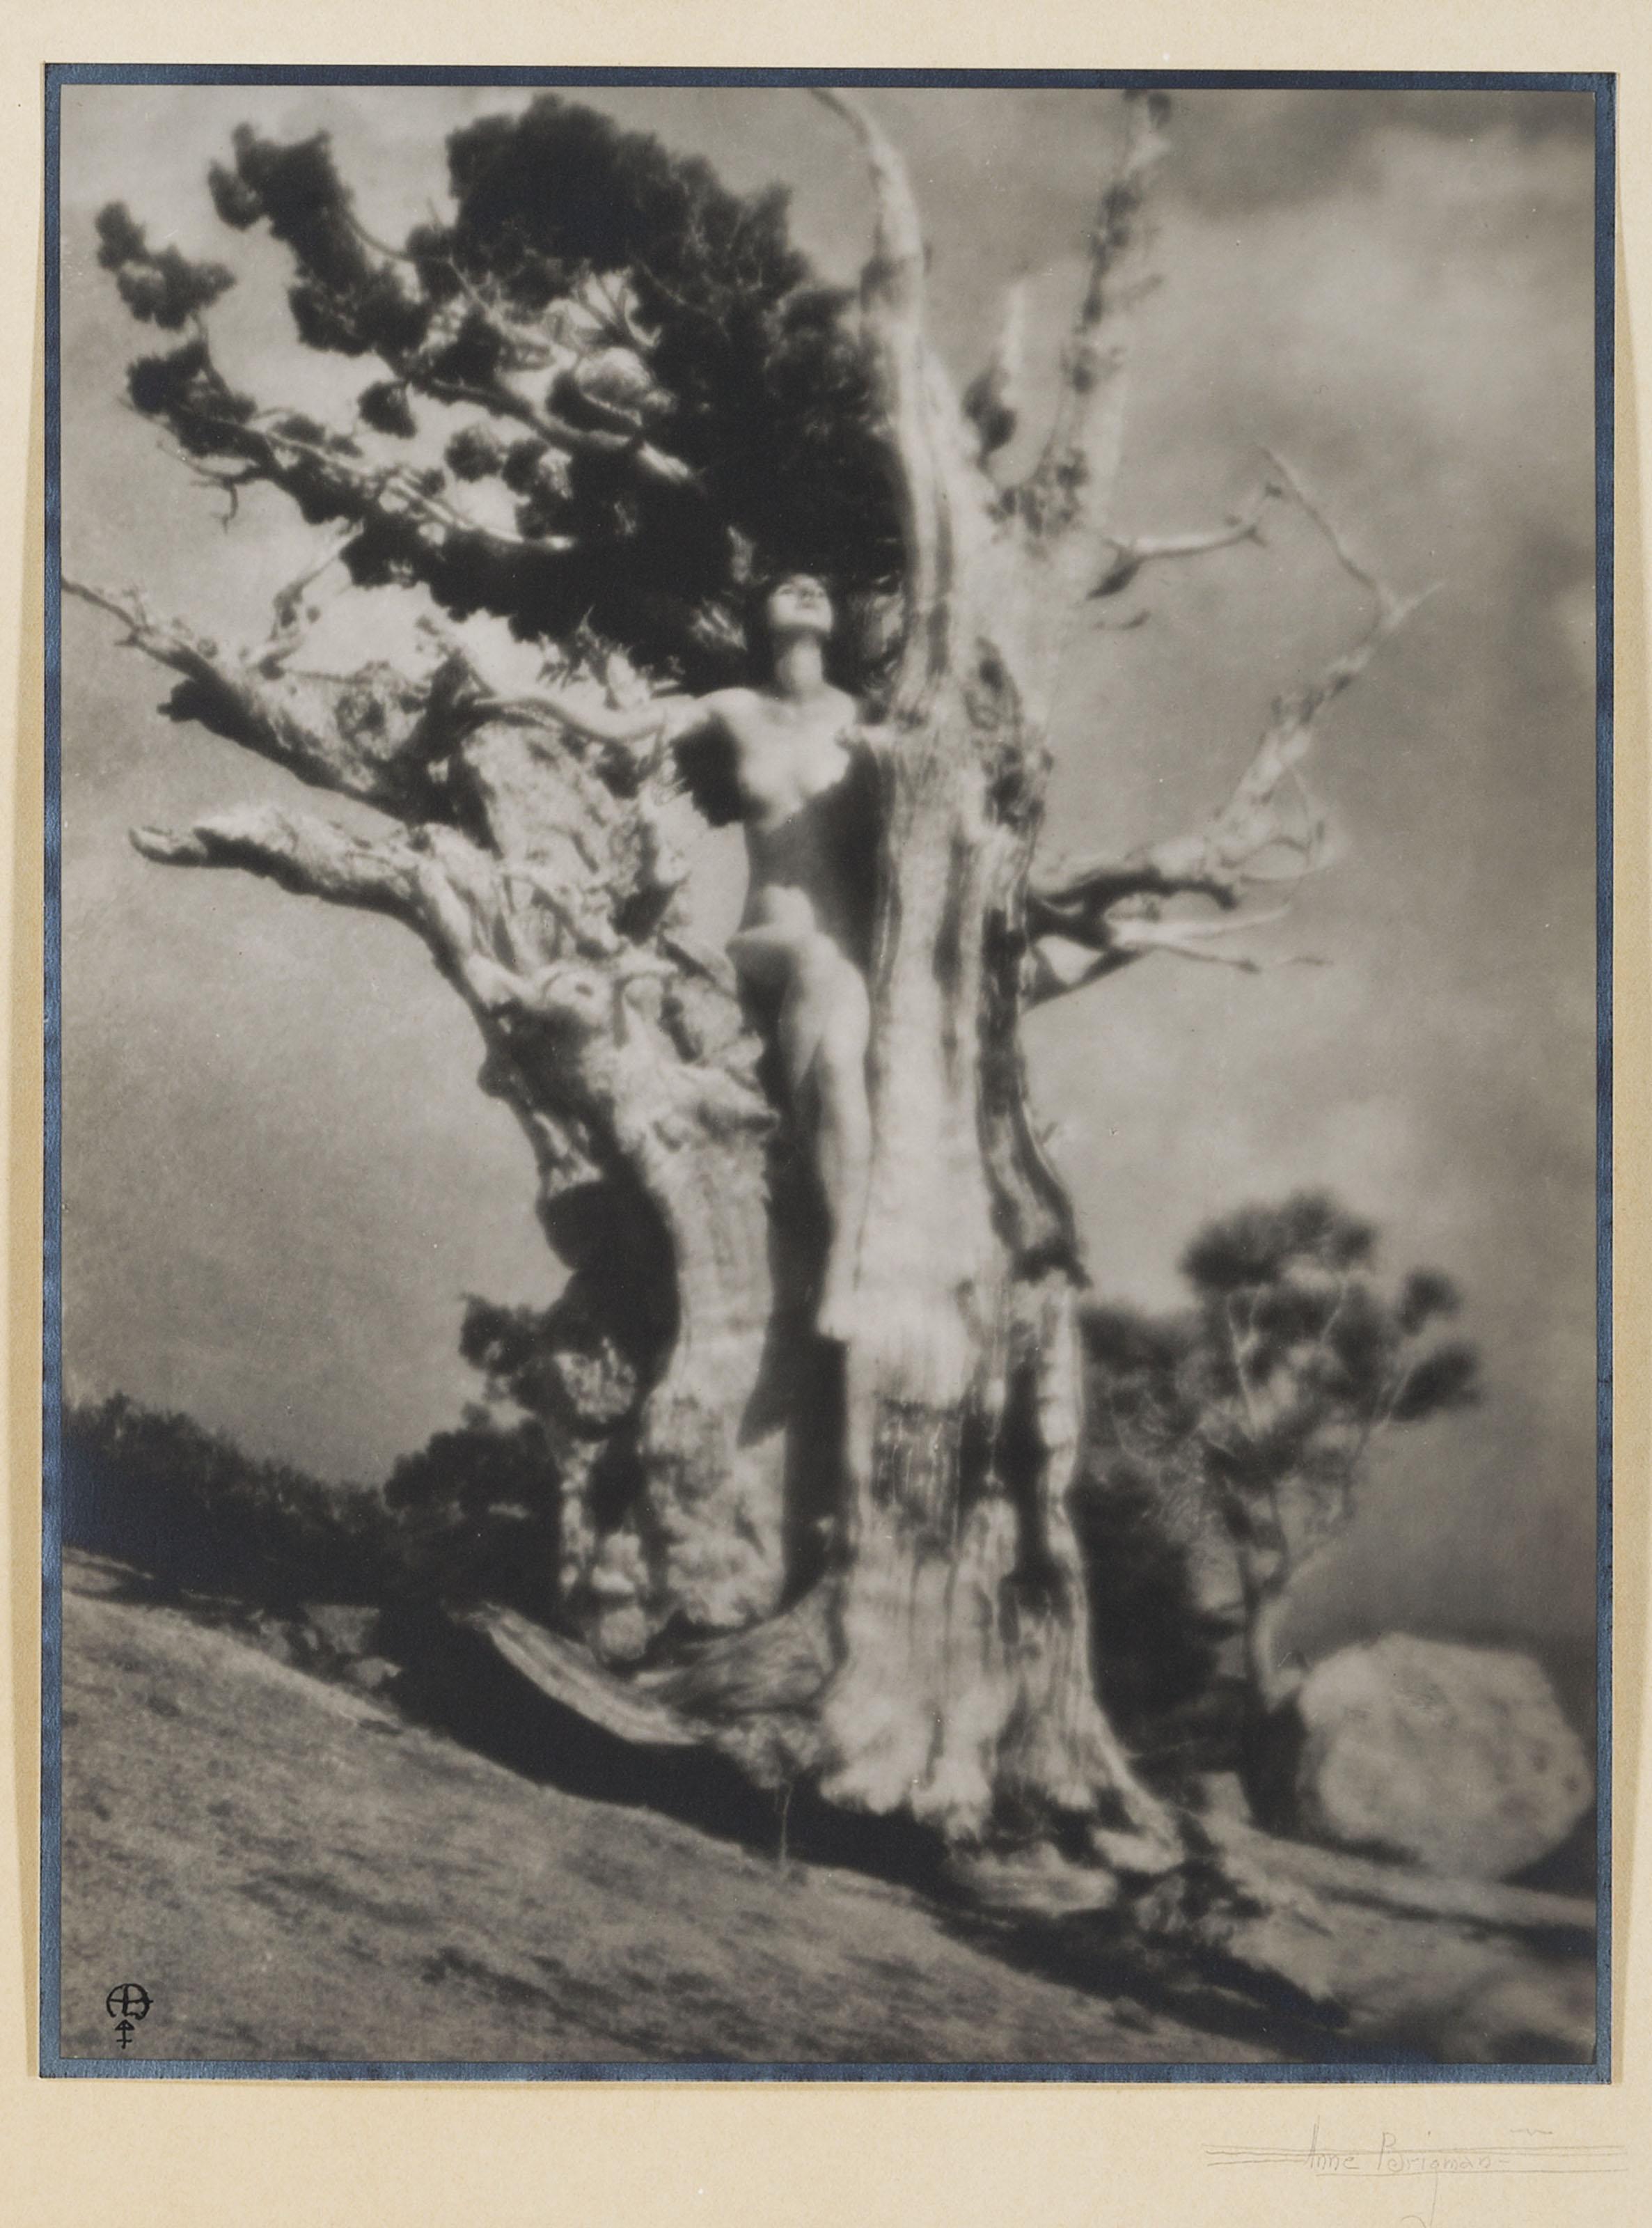 Invictus, c. 1924